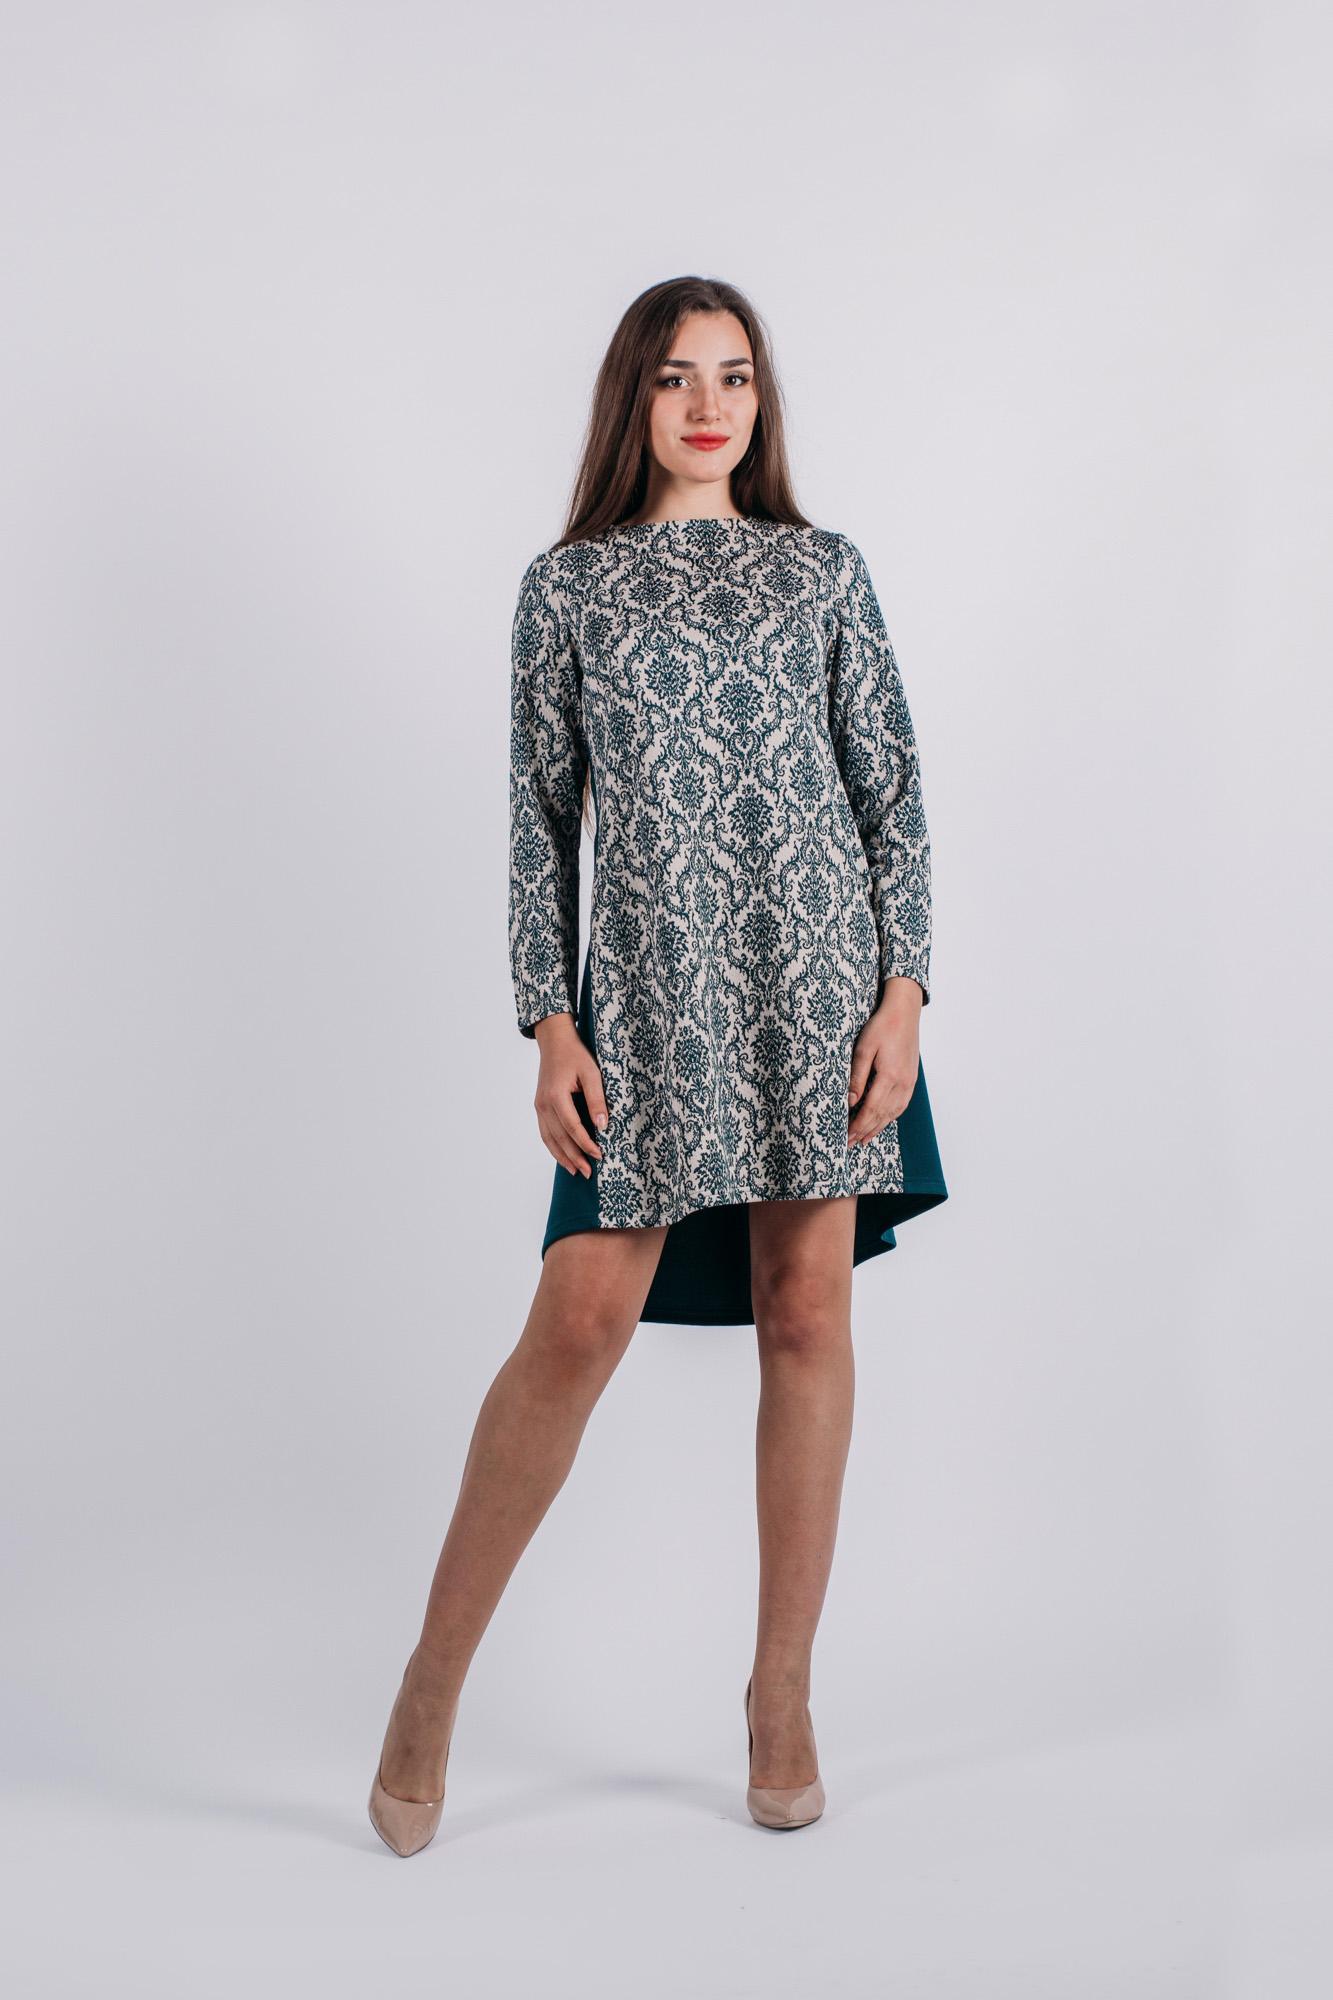 Платье Lautus, цвет: зеленый, молочный. 736. Размер 50736Стильное платье Lautus, выполненное из высококачественного материала, приятное на ощупь, не сковывает движения, обеспечивая наибольший комфорт. Модель свободного с круглым вырезом горловины и длинными рукавами от горловины на спинке застегивается на декоративные пластиковые пуговицы. Это яркое платье станет отличным дополнением к вашему гардеробу!